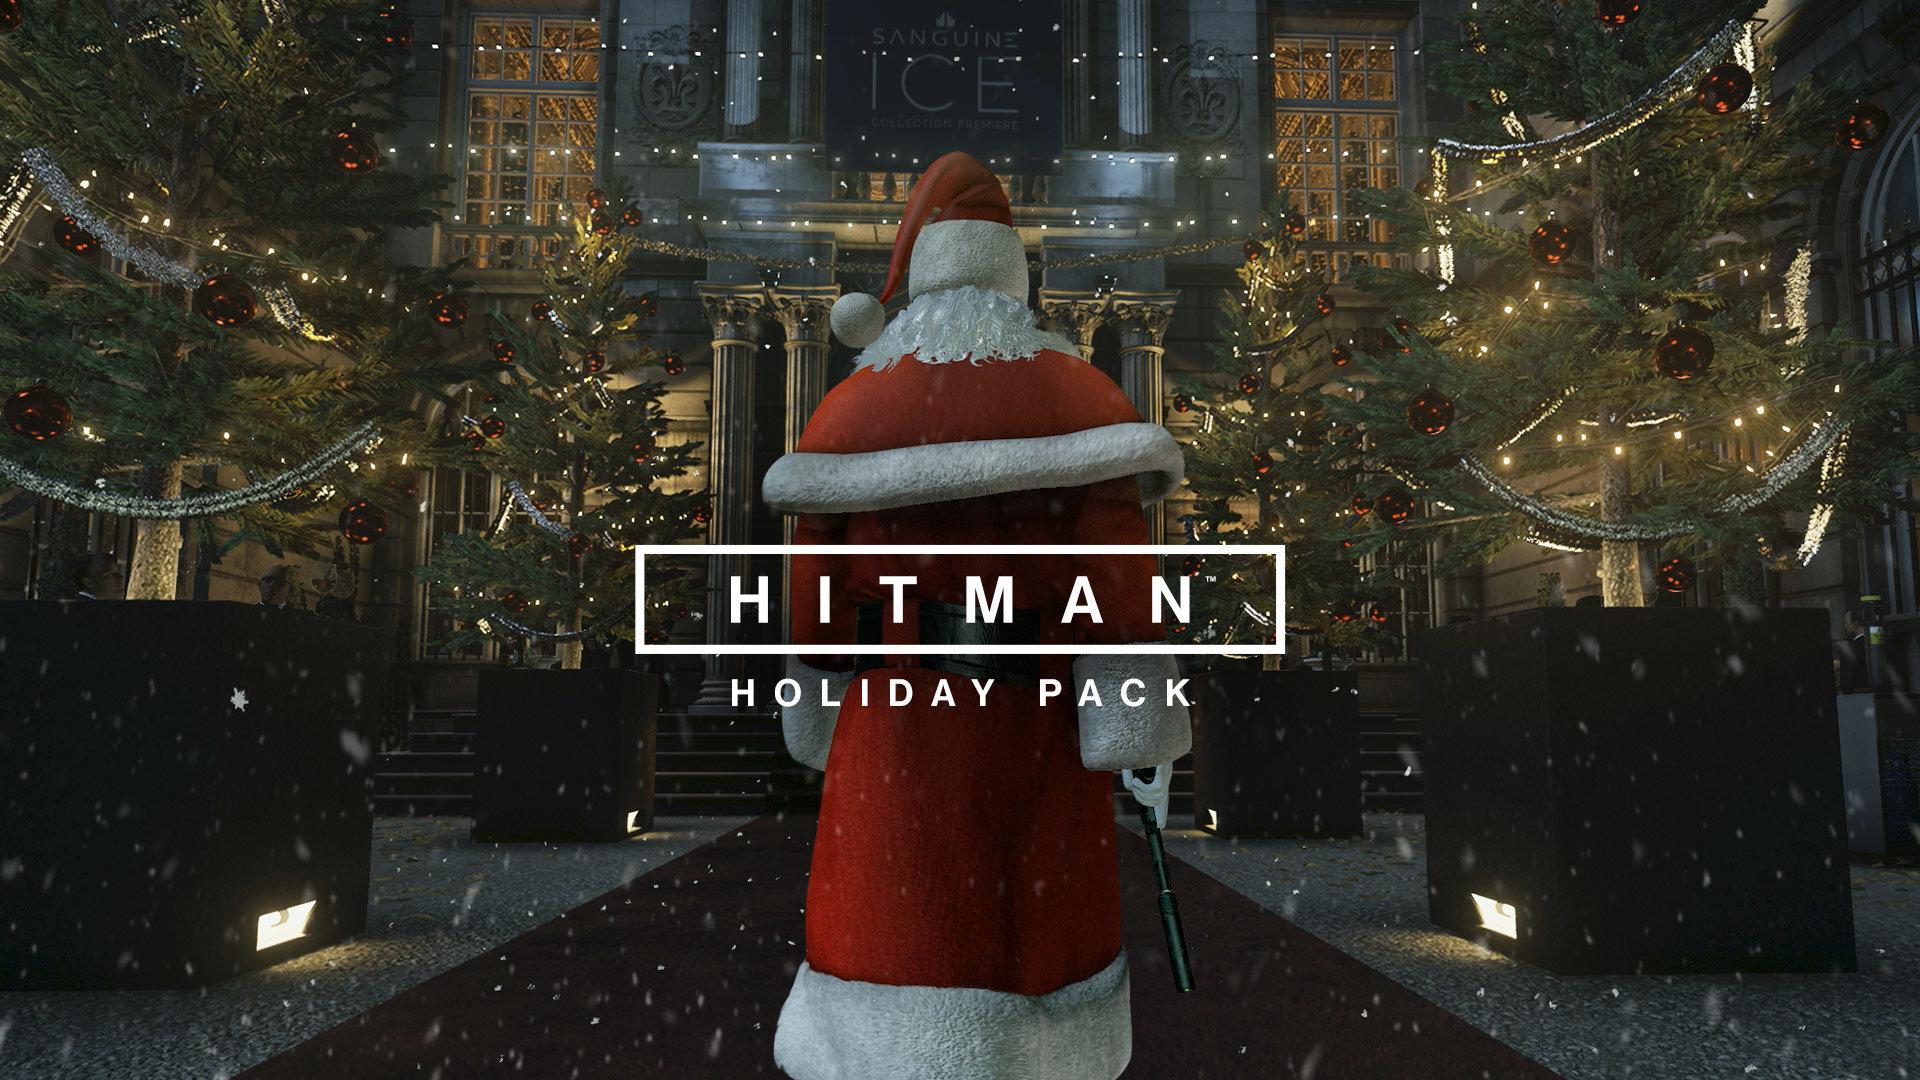 record: חבילת חג המולד של Hitman תהיה חינמית לזמן מוגבל cover image